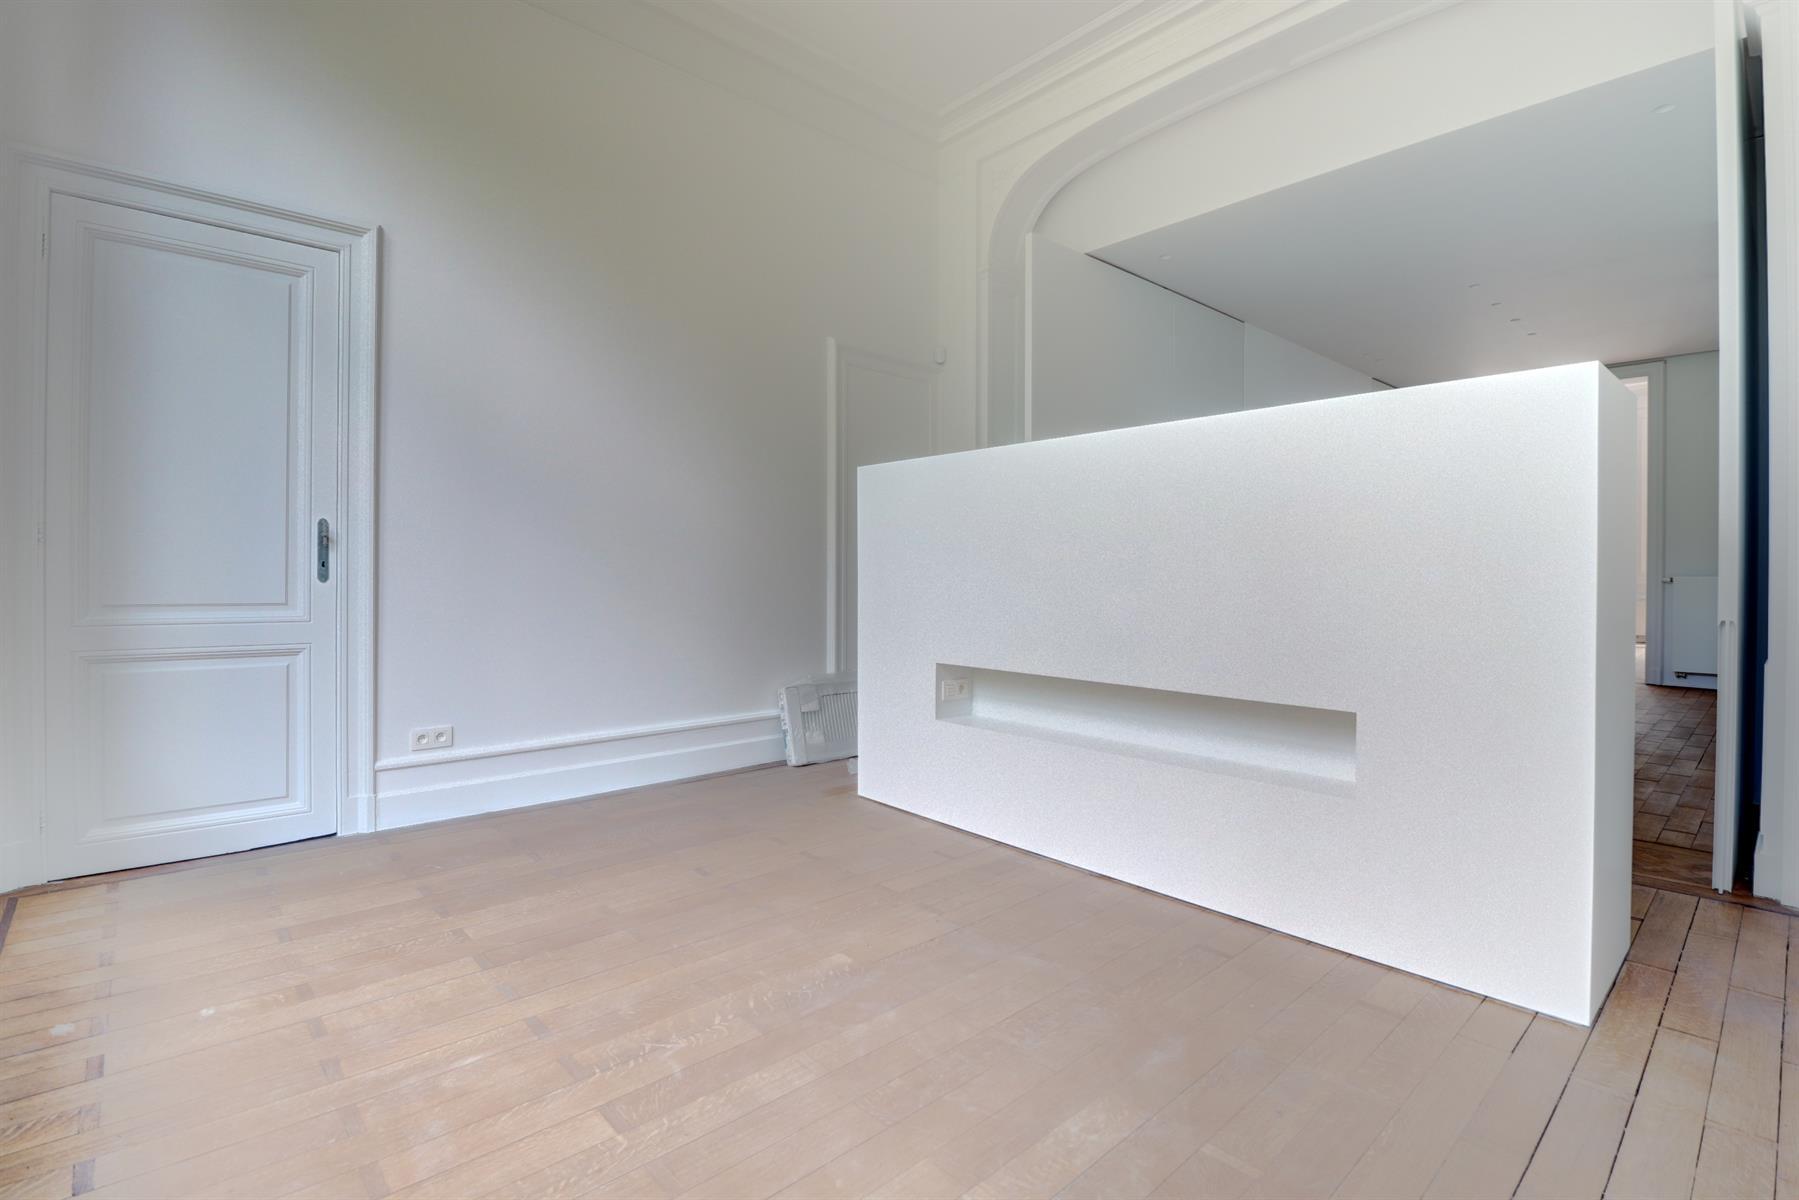 Flat - Ixelles - #4091403-13